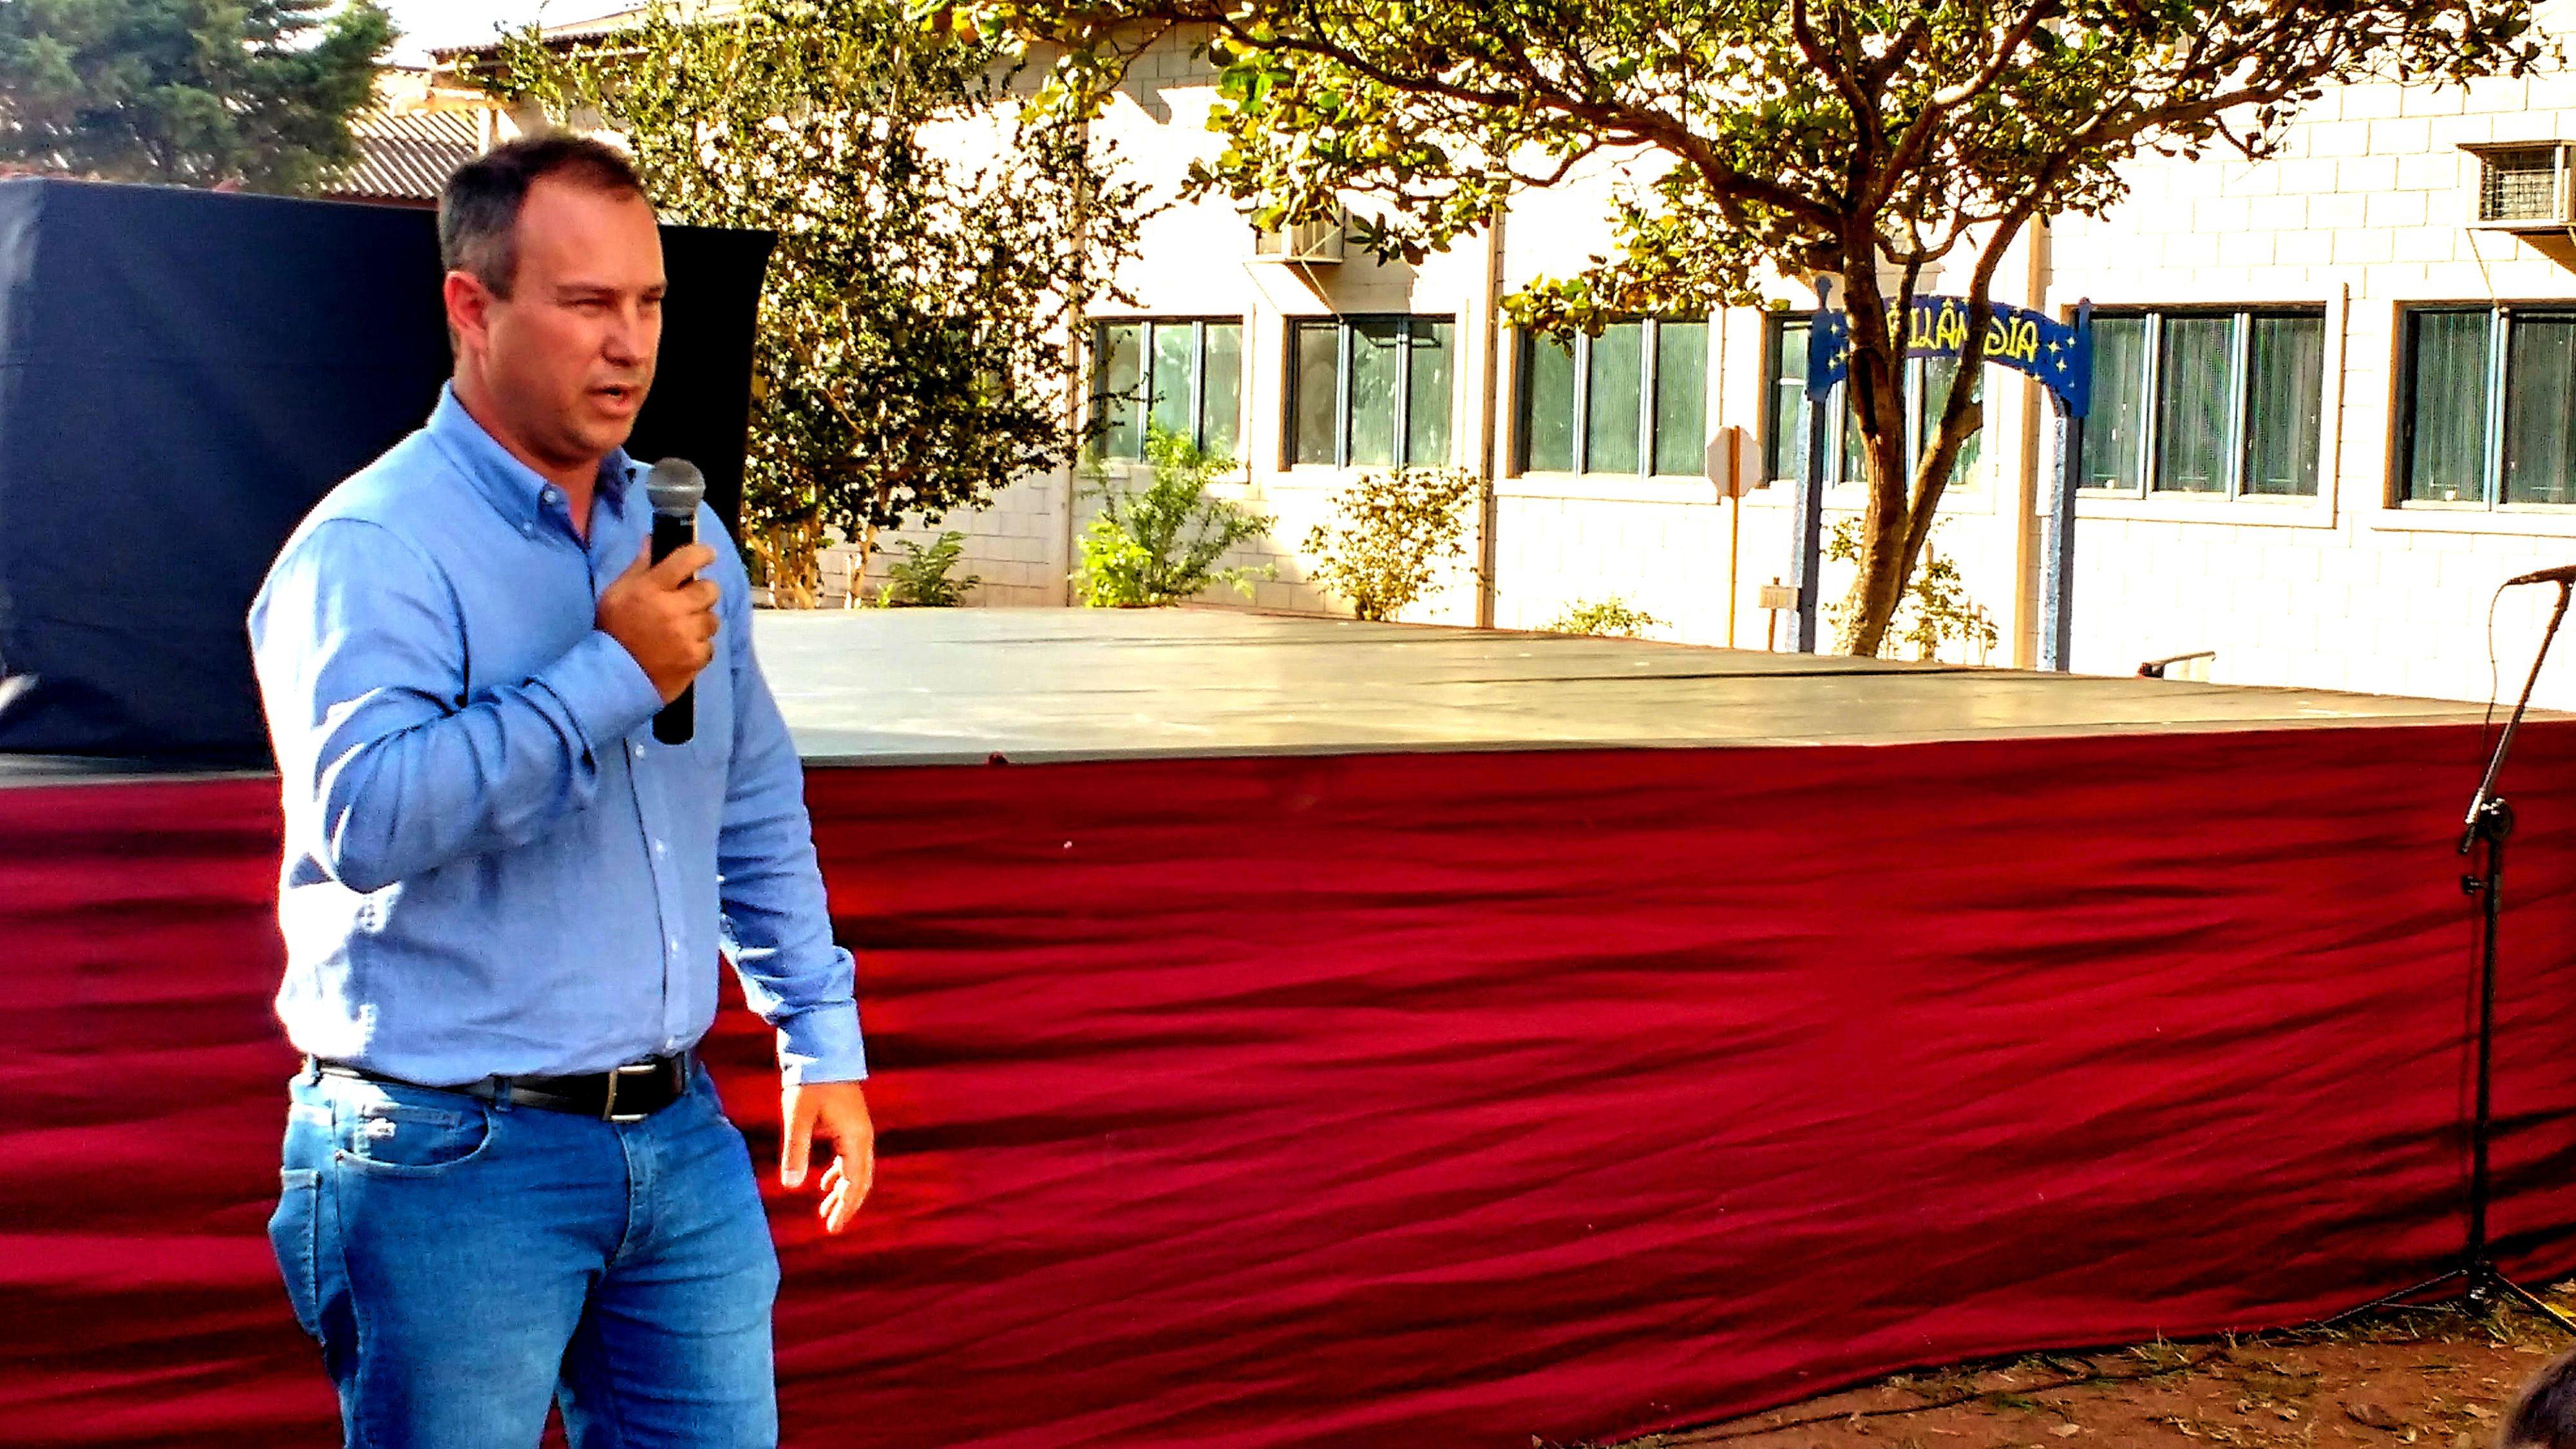 Representando a AES Tietê, Odemberg Veronez, reiterou parceria de sucesso com Ibitinga. | Foto: Polo Cultural